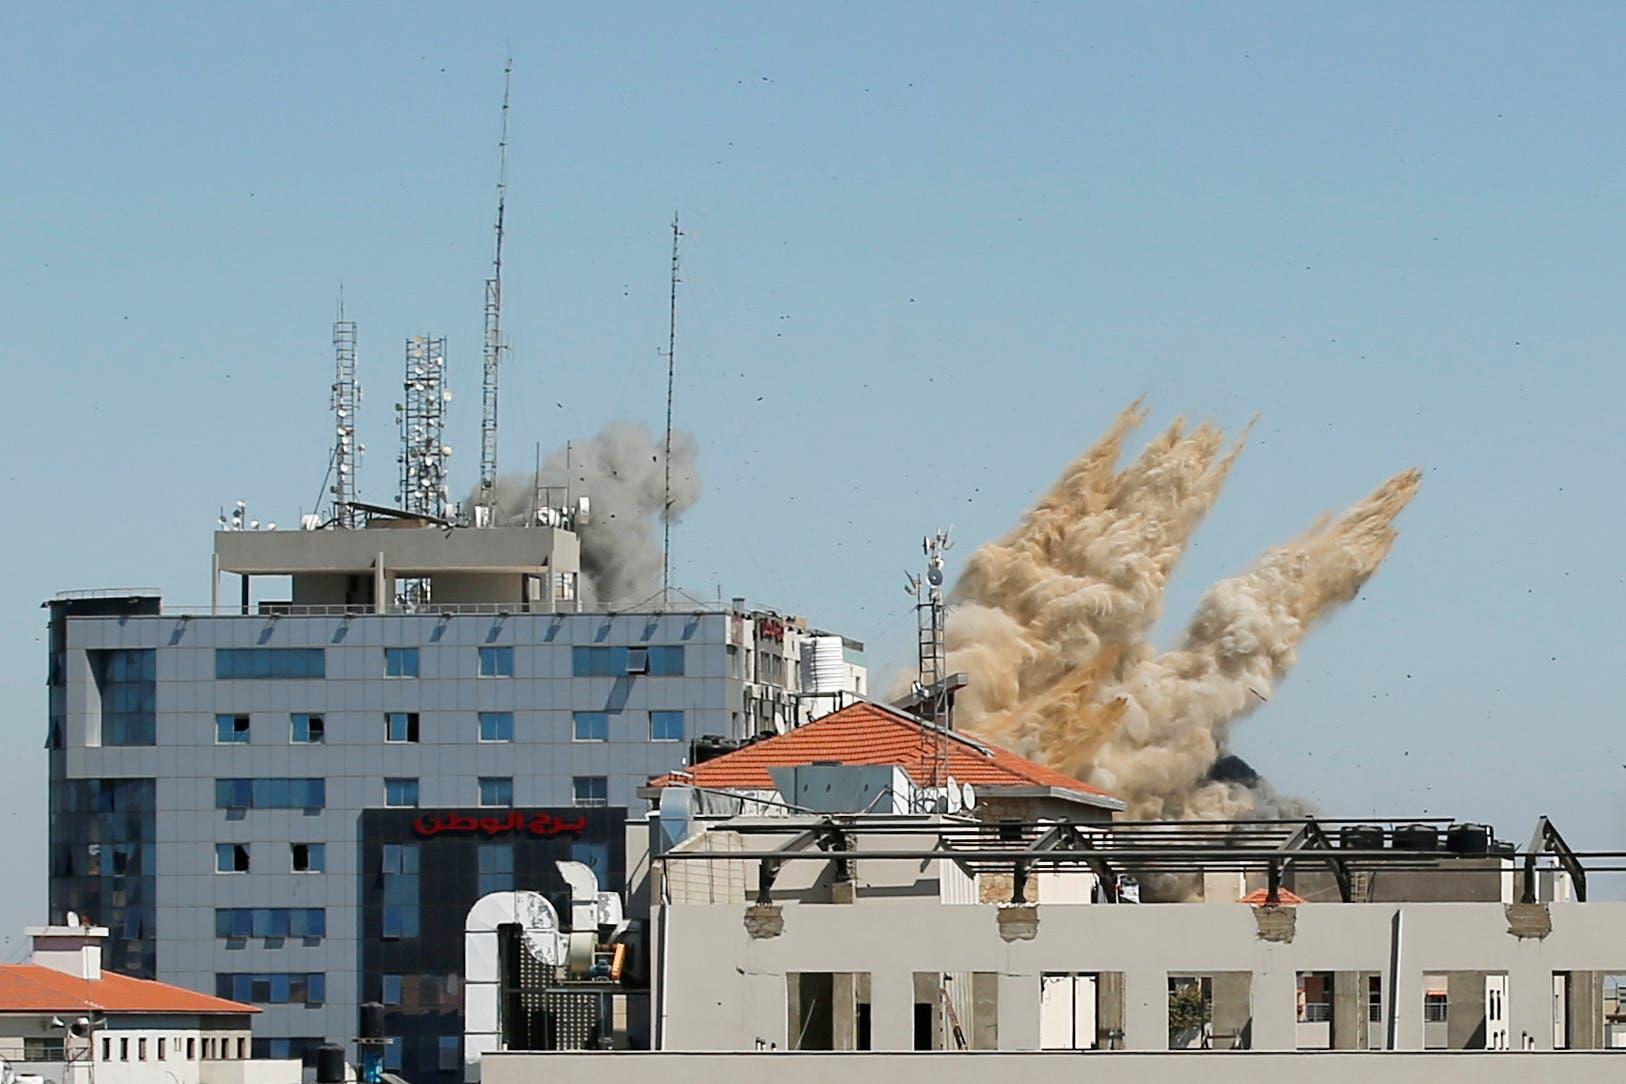 من القصف الإسرائيلي على غزة - رويترز 15 مايو 2021